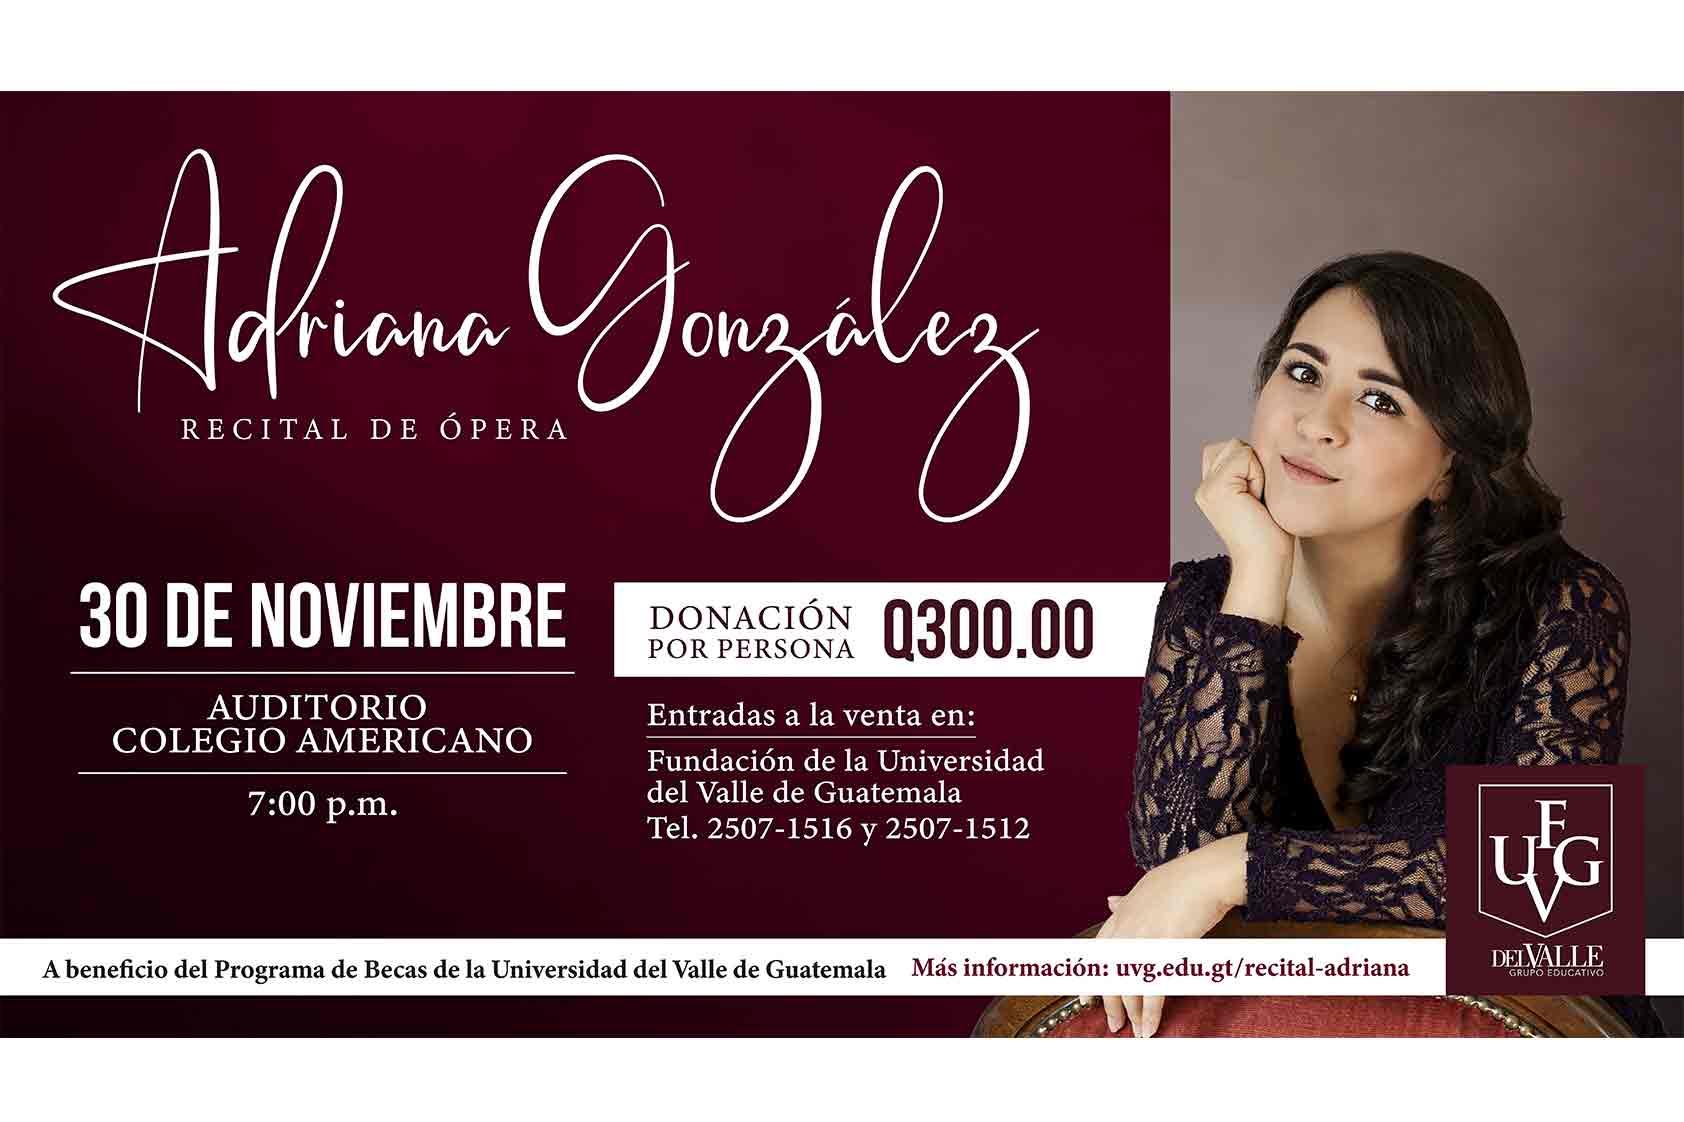 El recital de Adriana González en UVG busca beneficiar a jóvenes talentosos